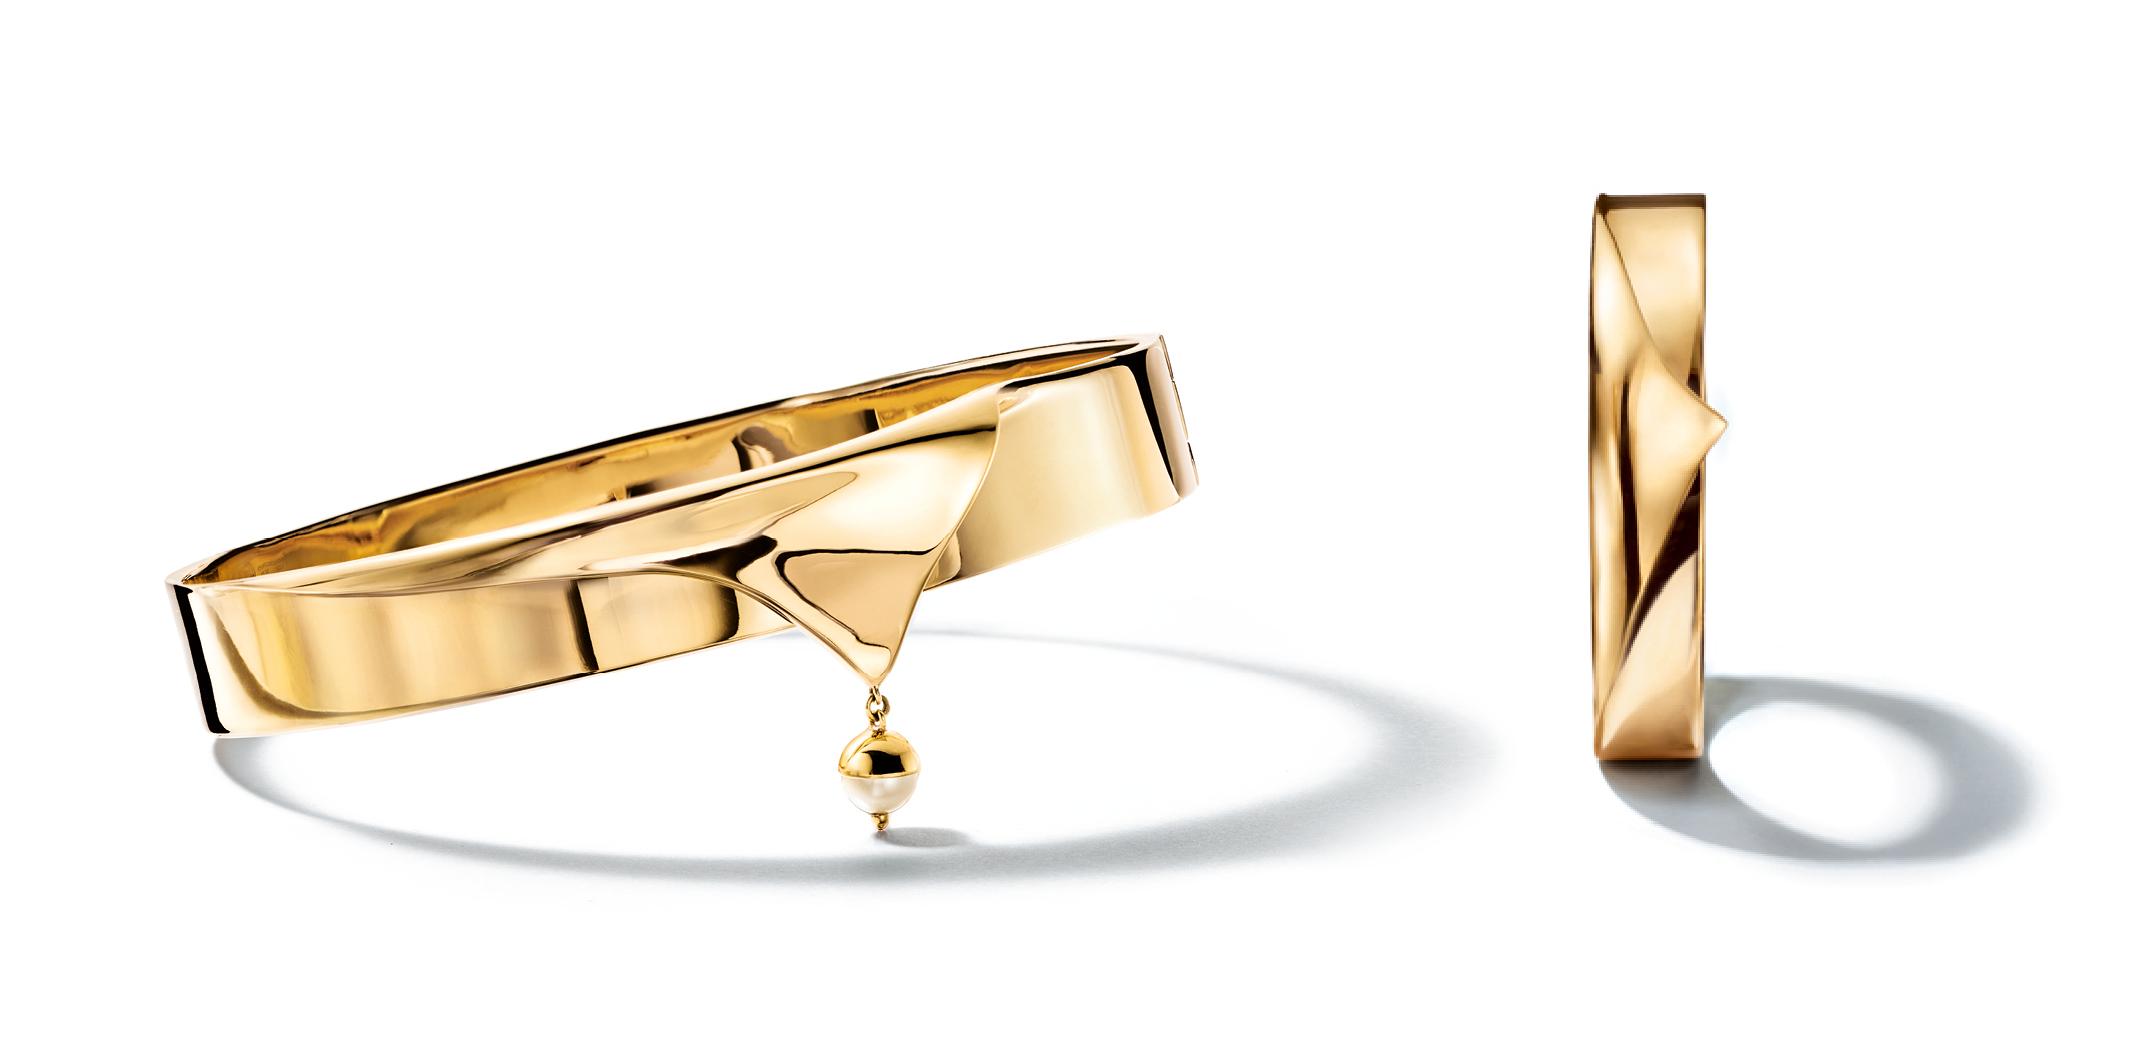 Tiffany & Co. a invité le créateur de bijoux Eddie Borgo,vainqueur du premier CFDA/Vogue Fashion Fund de la maison de joaillerie américaine,à imaginer une collection exceptionnelle inspirée par les sculptures de la Grèce antique. Associant or 18 carats et perles de culture, les sept créations, centrées sur l'art du drapé, mêlent légèreté, fluidité des lignes et audace des formes.   Disponible sur www.tiffany.com